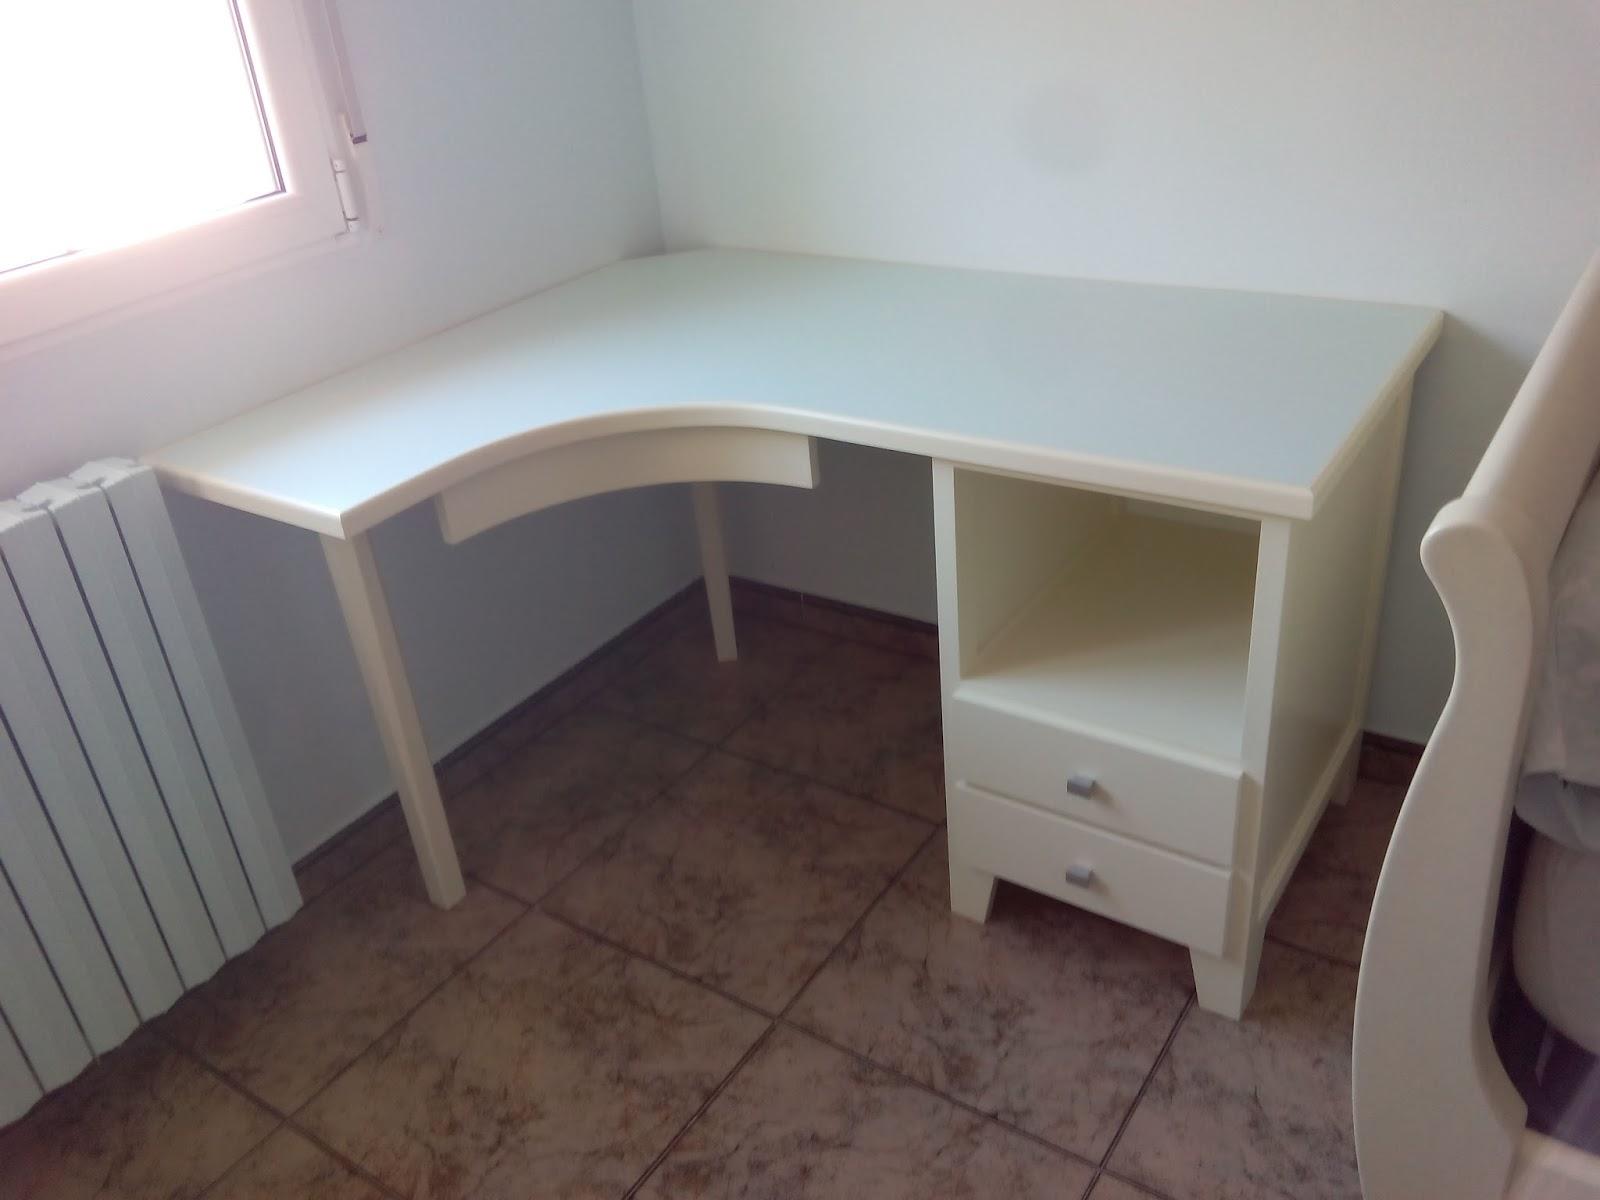 Mesa de escritorio a medida lacada en blanco muebles cansado zaragoza carpintero ebanista - Muebles a medida en zaragoza ...